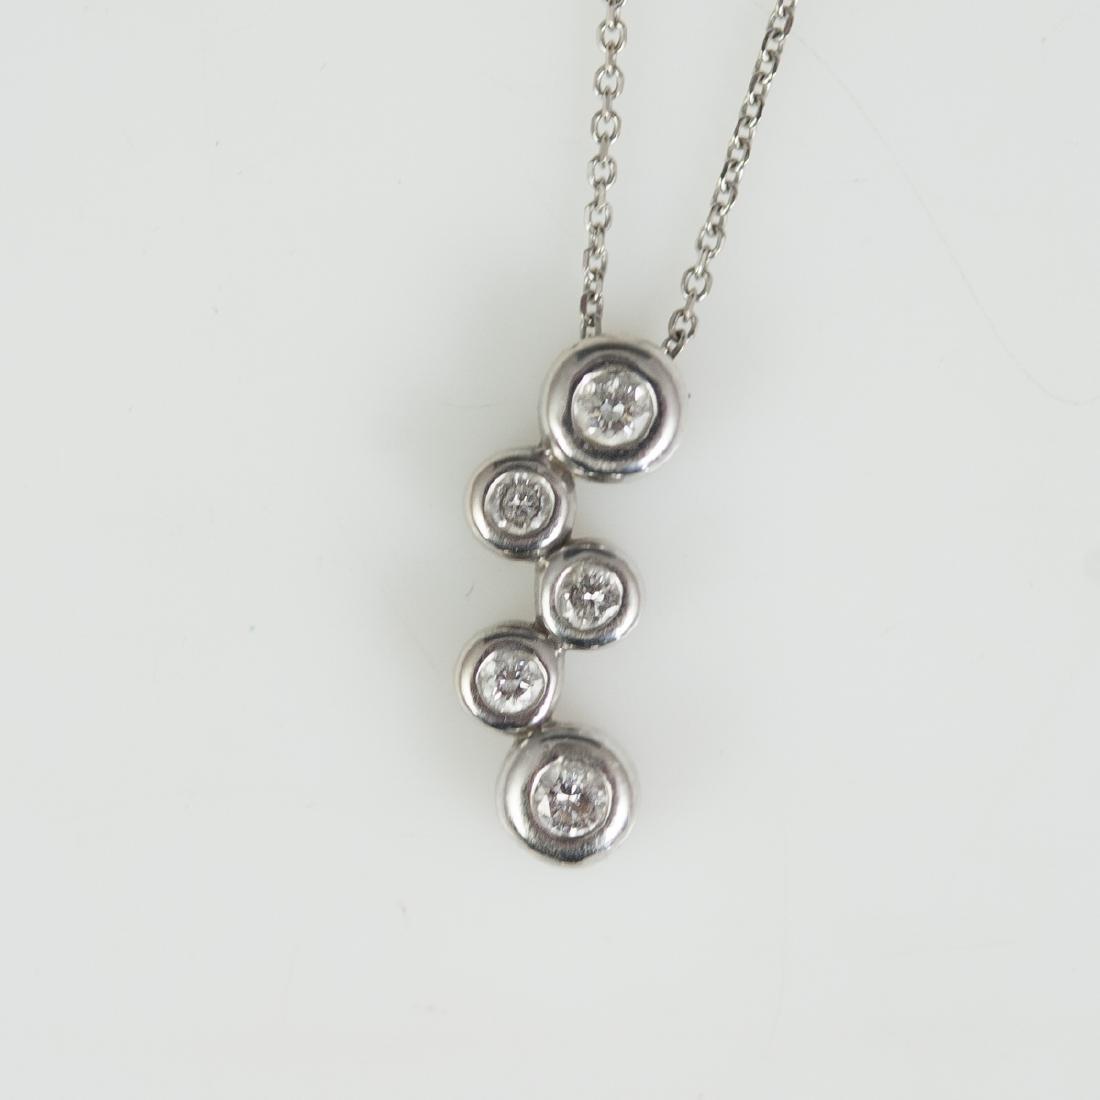 14kt Gold & Diamond Necklace - 2